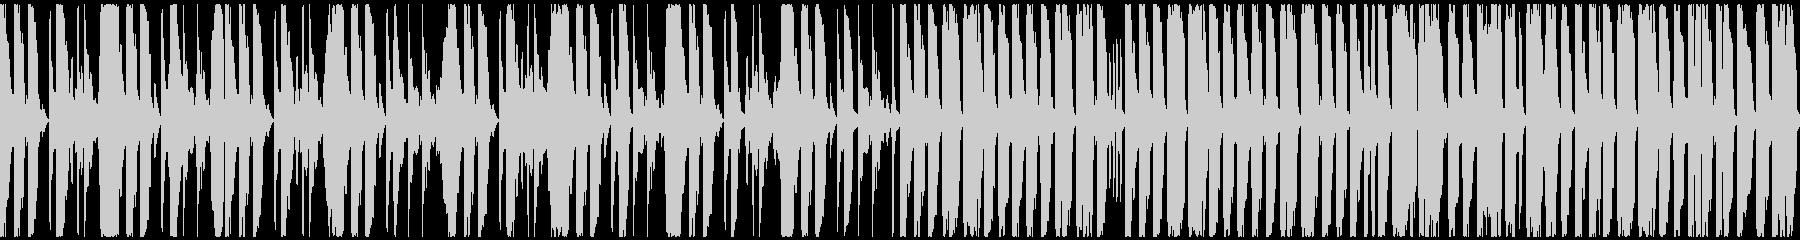 声ネタとドラムによる奇天烈な曲ですの未再生の波形